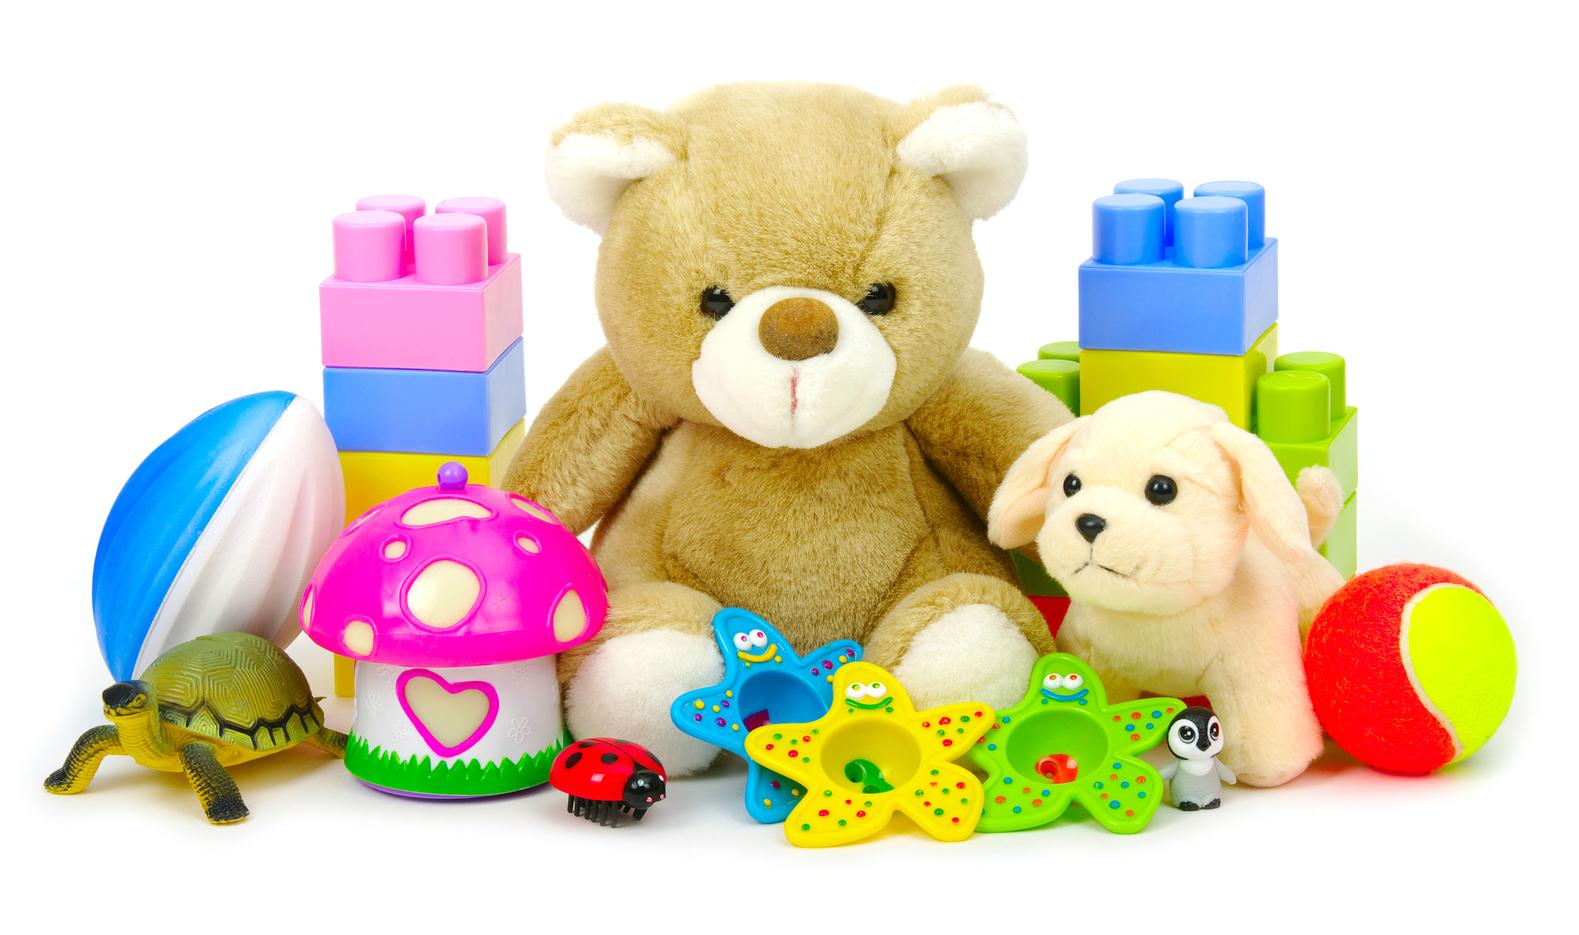 Рисунки и фото игрушек для детей